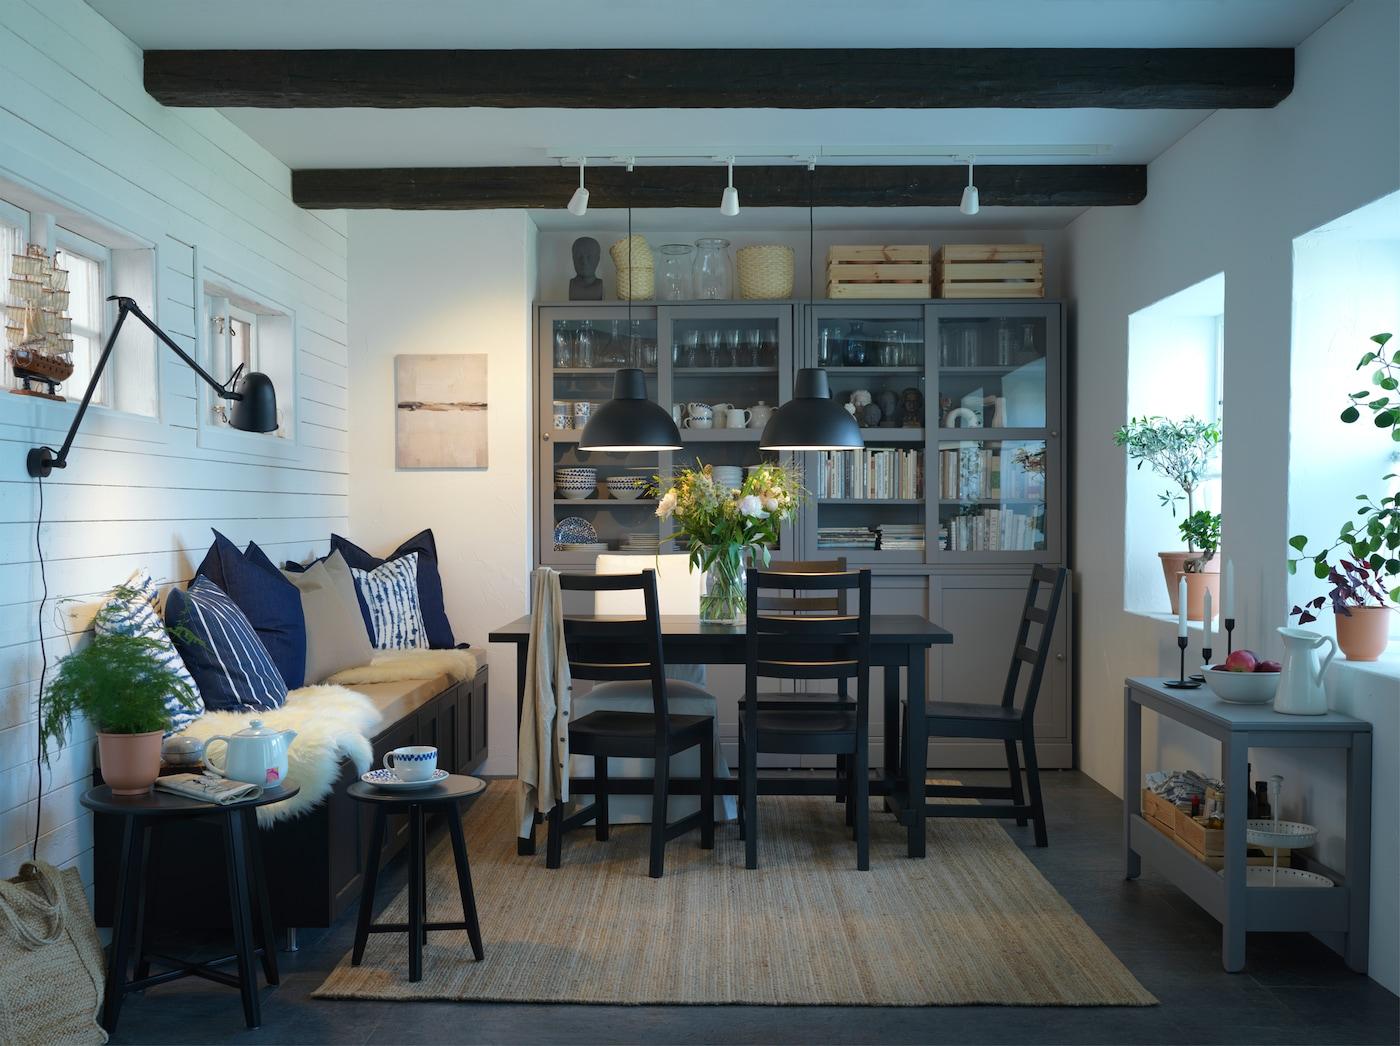 Espaço de refeição com uma mesa e cadeiras em preto, um tapete em juta, candeeiros suspensos em preto e uma combinação de arrumação em cinzento com portas deslizantes.